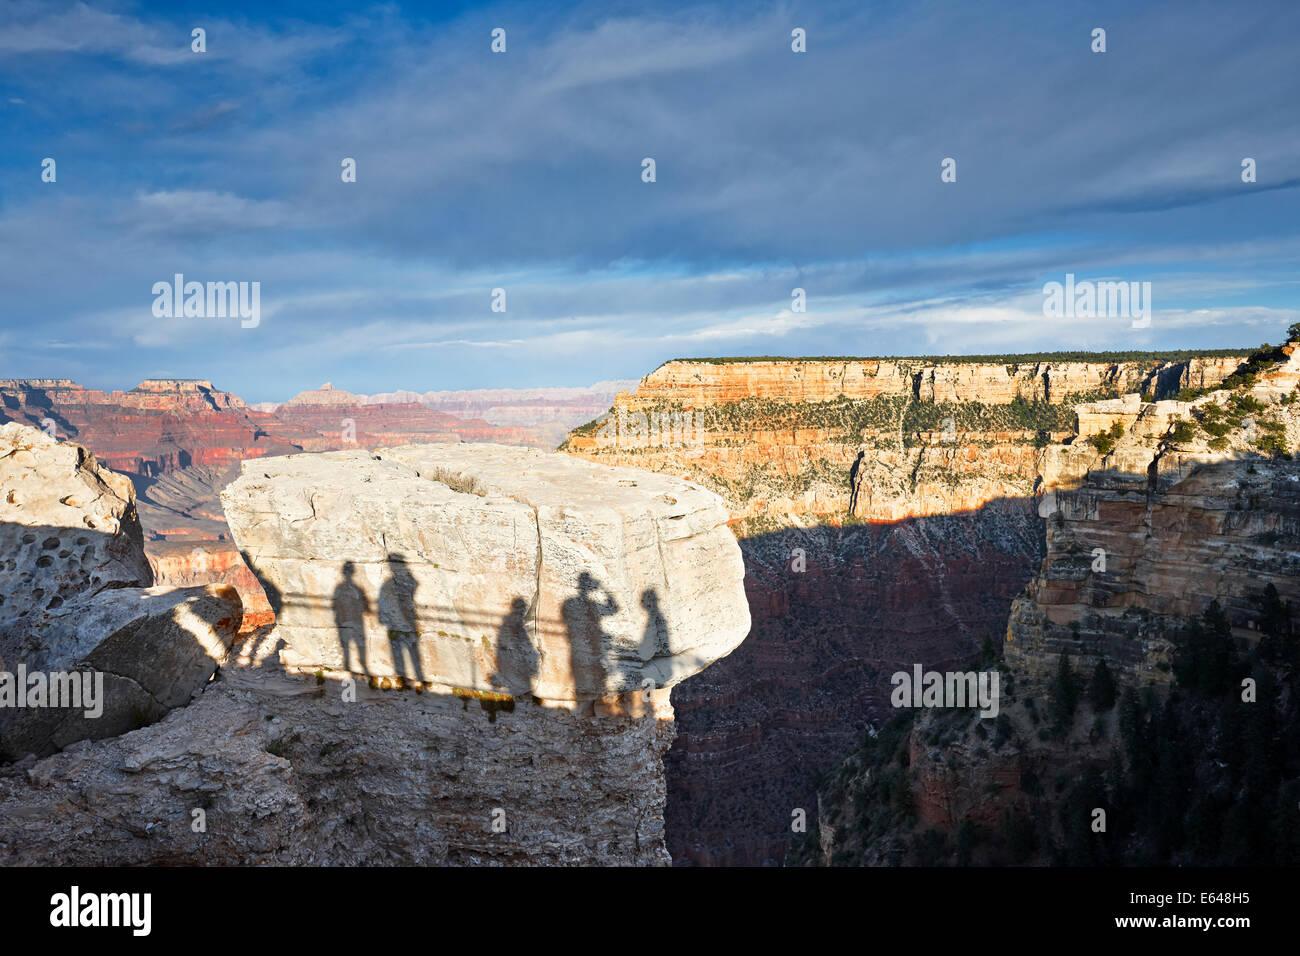 Ombre de personnes regardant le coucher du soleil au Grand Canyon South Rim. Arizona, USA. Photo Stock